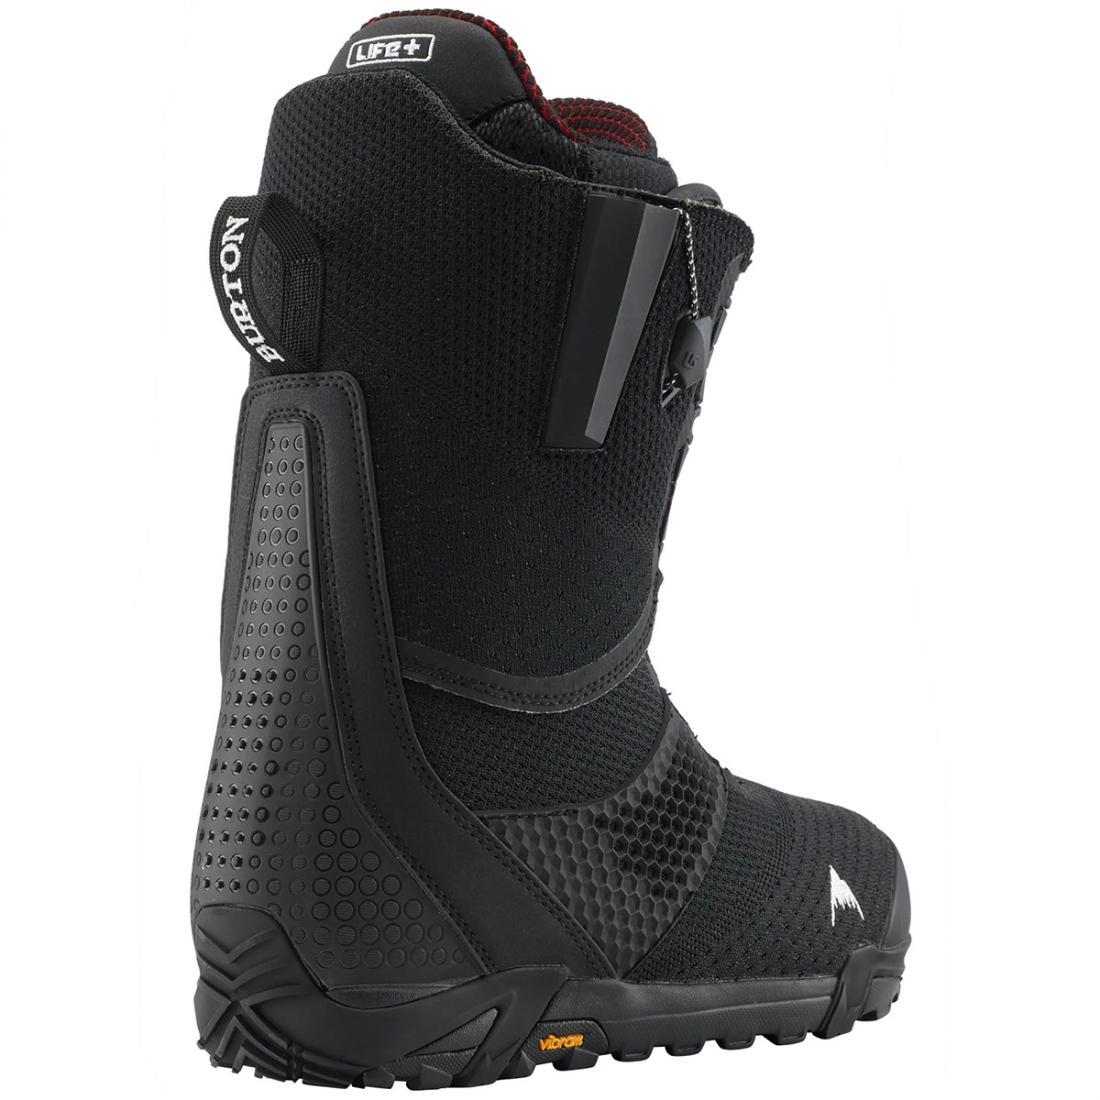 Ботинки для сноуборда Burton SLX купить в Boardshop №1